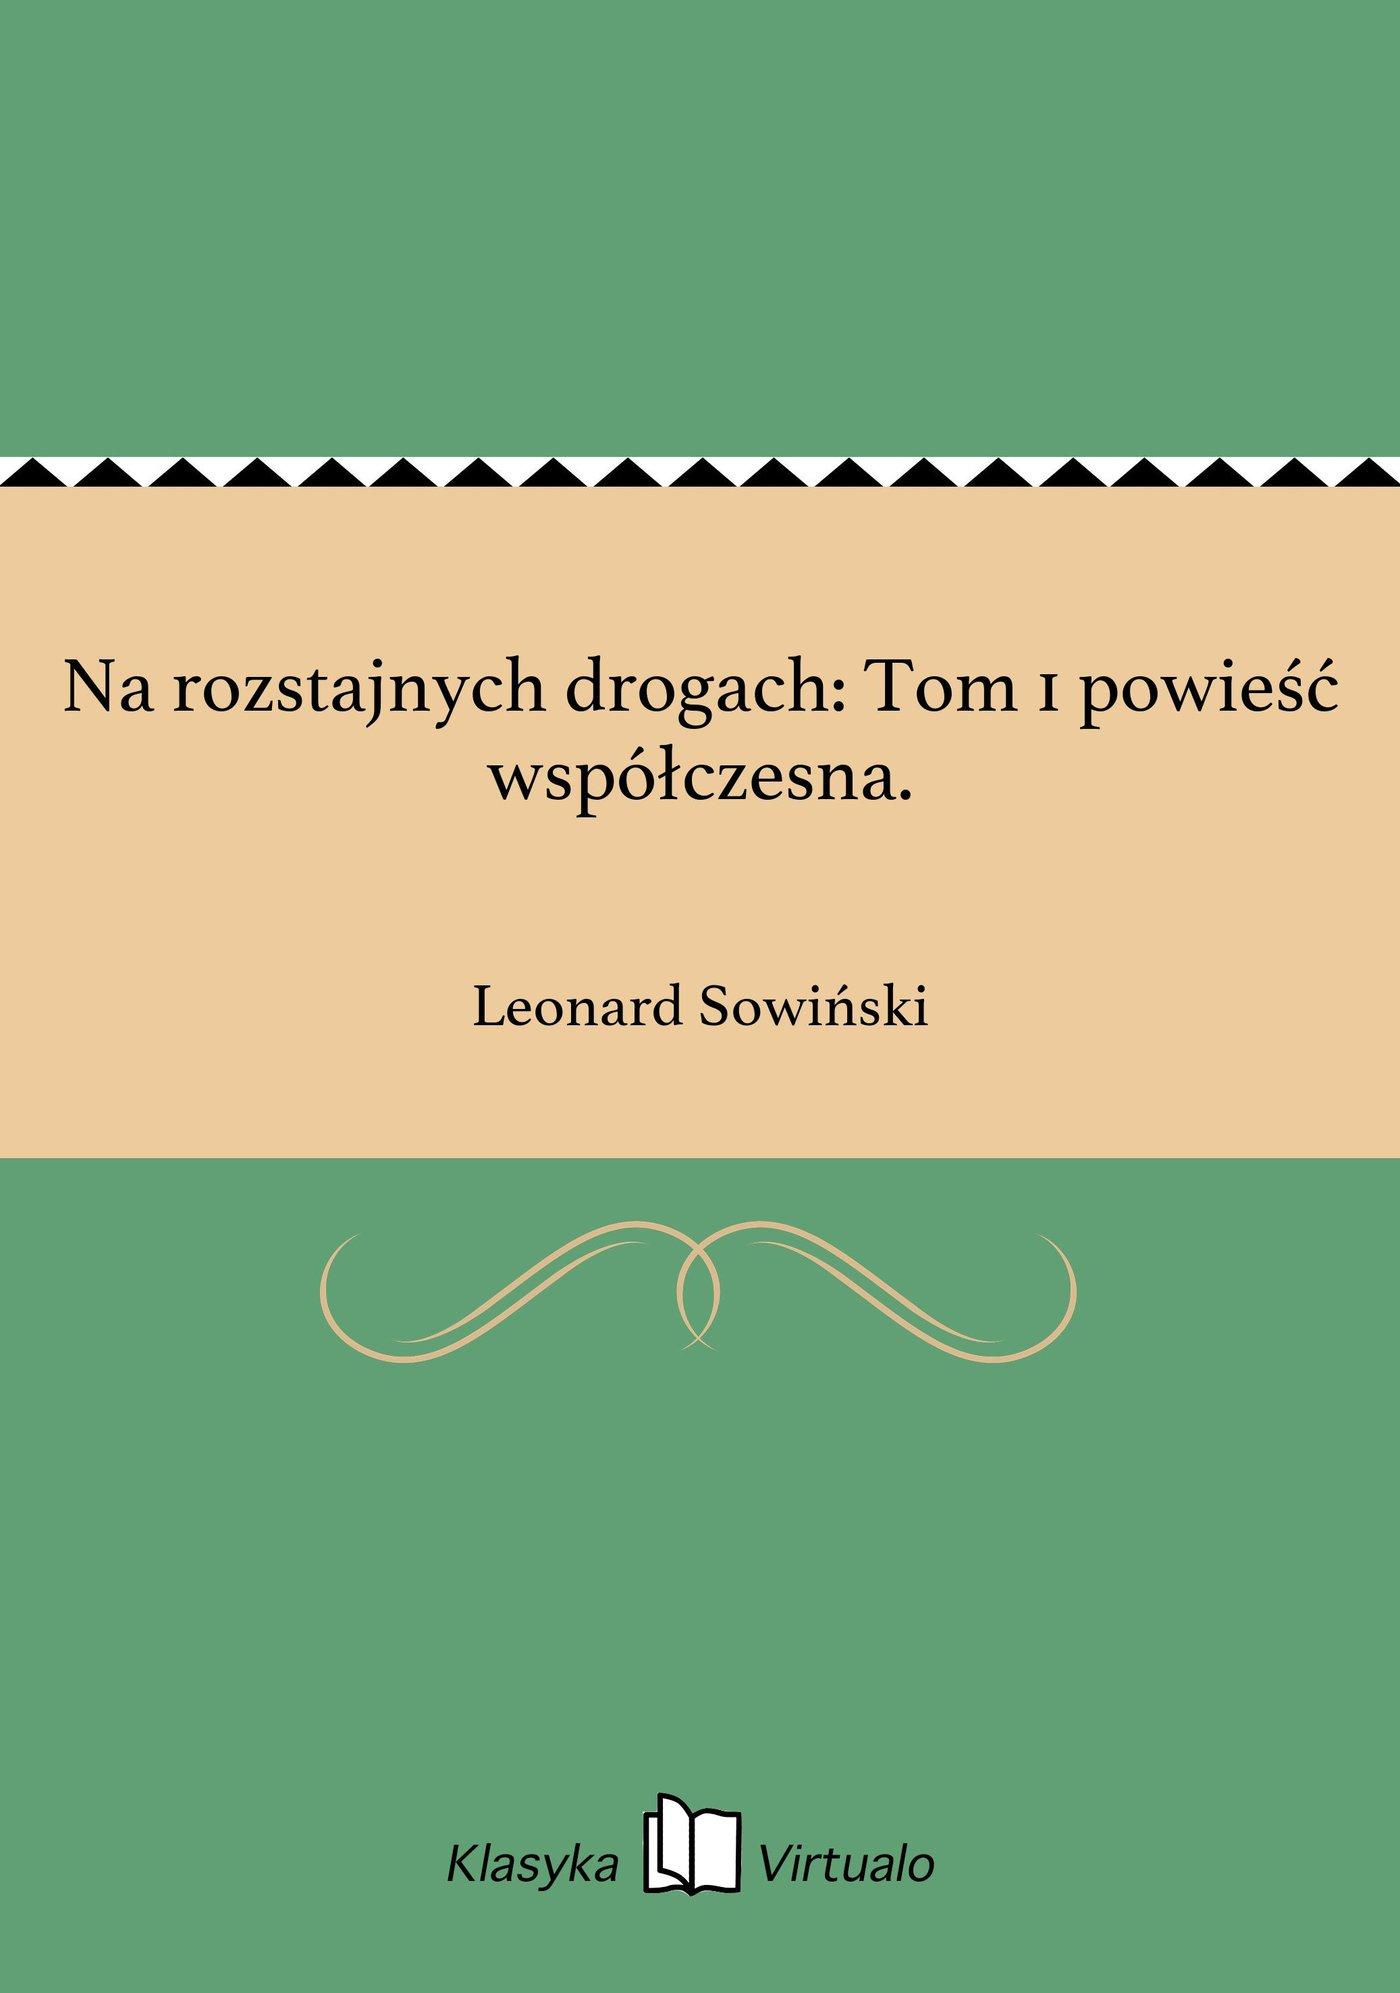 Na rozstajnych drogach: Tom 1 powieść współczesna. - Ebook (Książka na Kindle) do pobrania w formacie MOBI